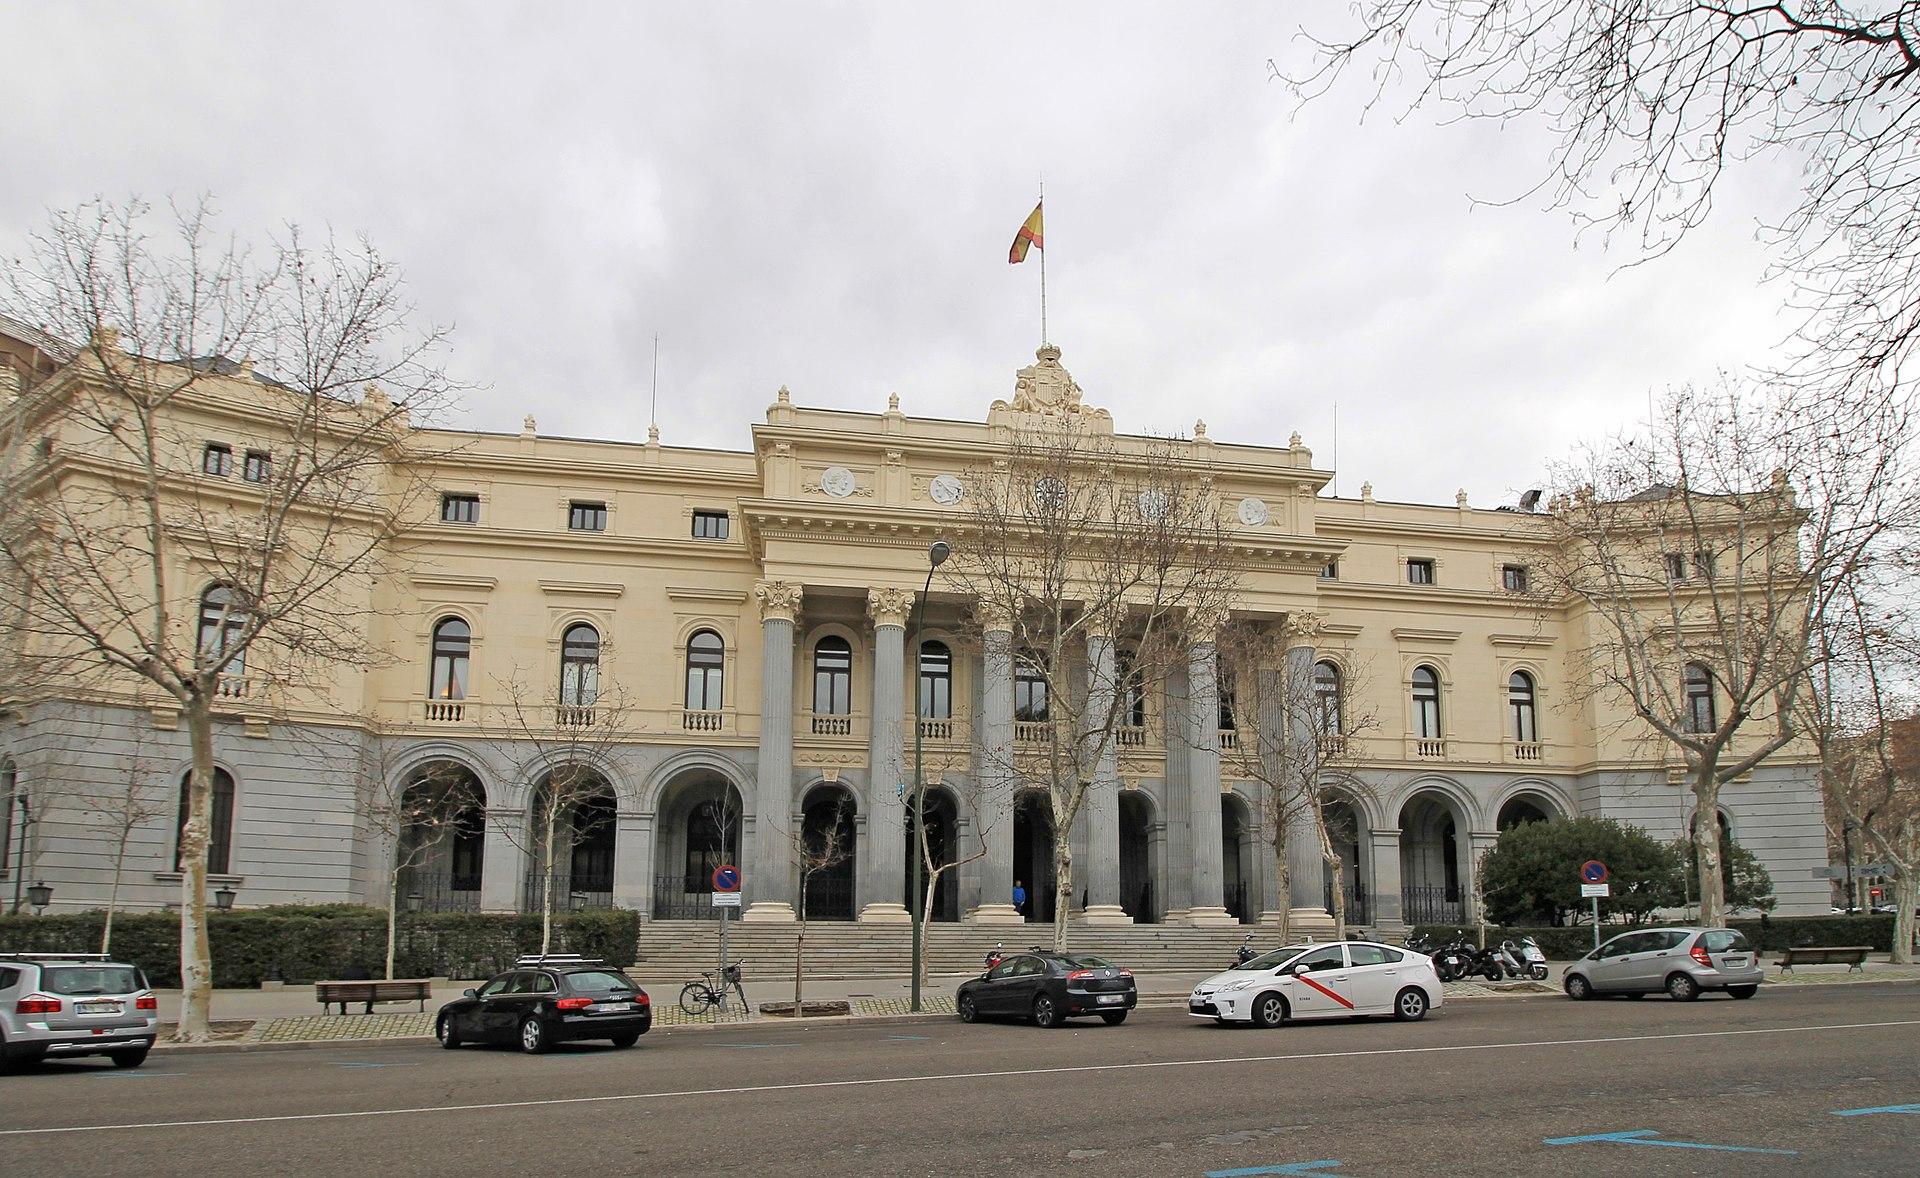 Bolsas y mercados espa oles wikipedia la enciclopedia libre for Pagina del banco exterior